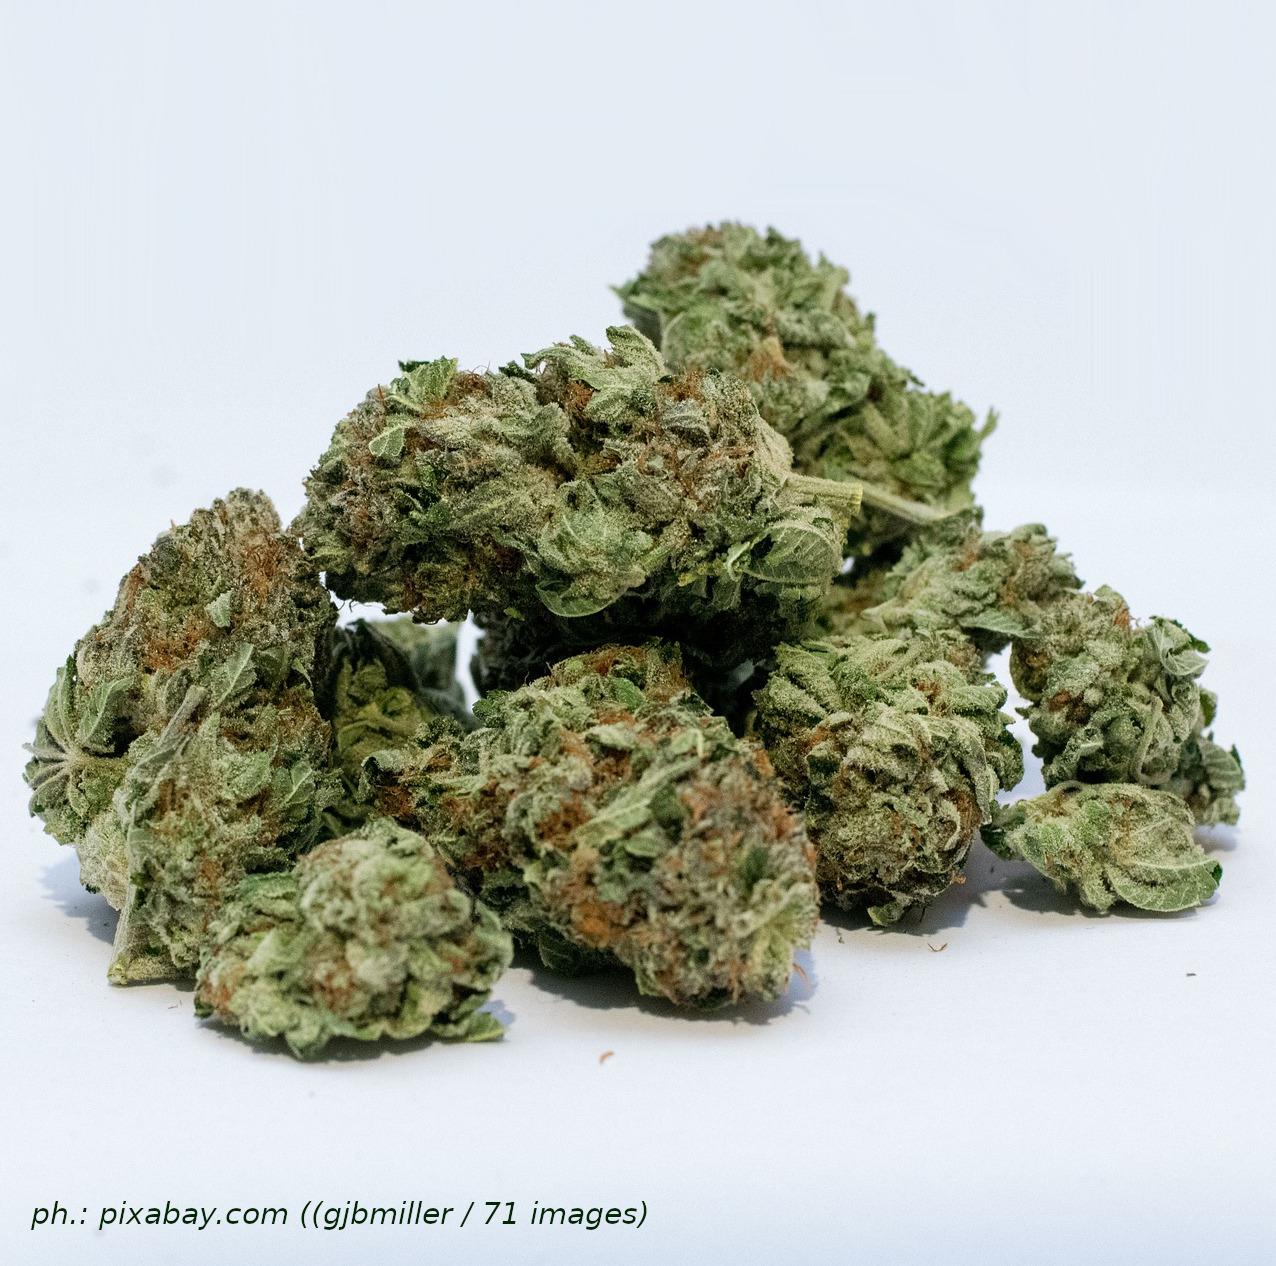 Controllo del territorio: minorenni in possesso di oltre 6 grammi di marijuana